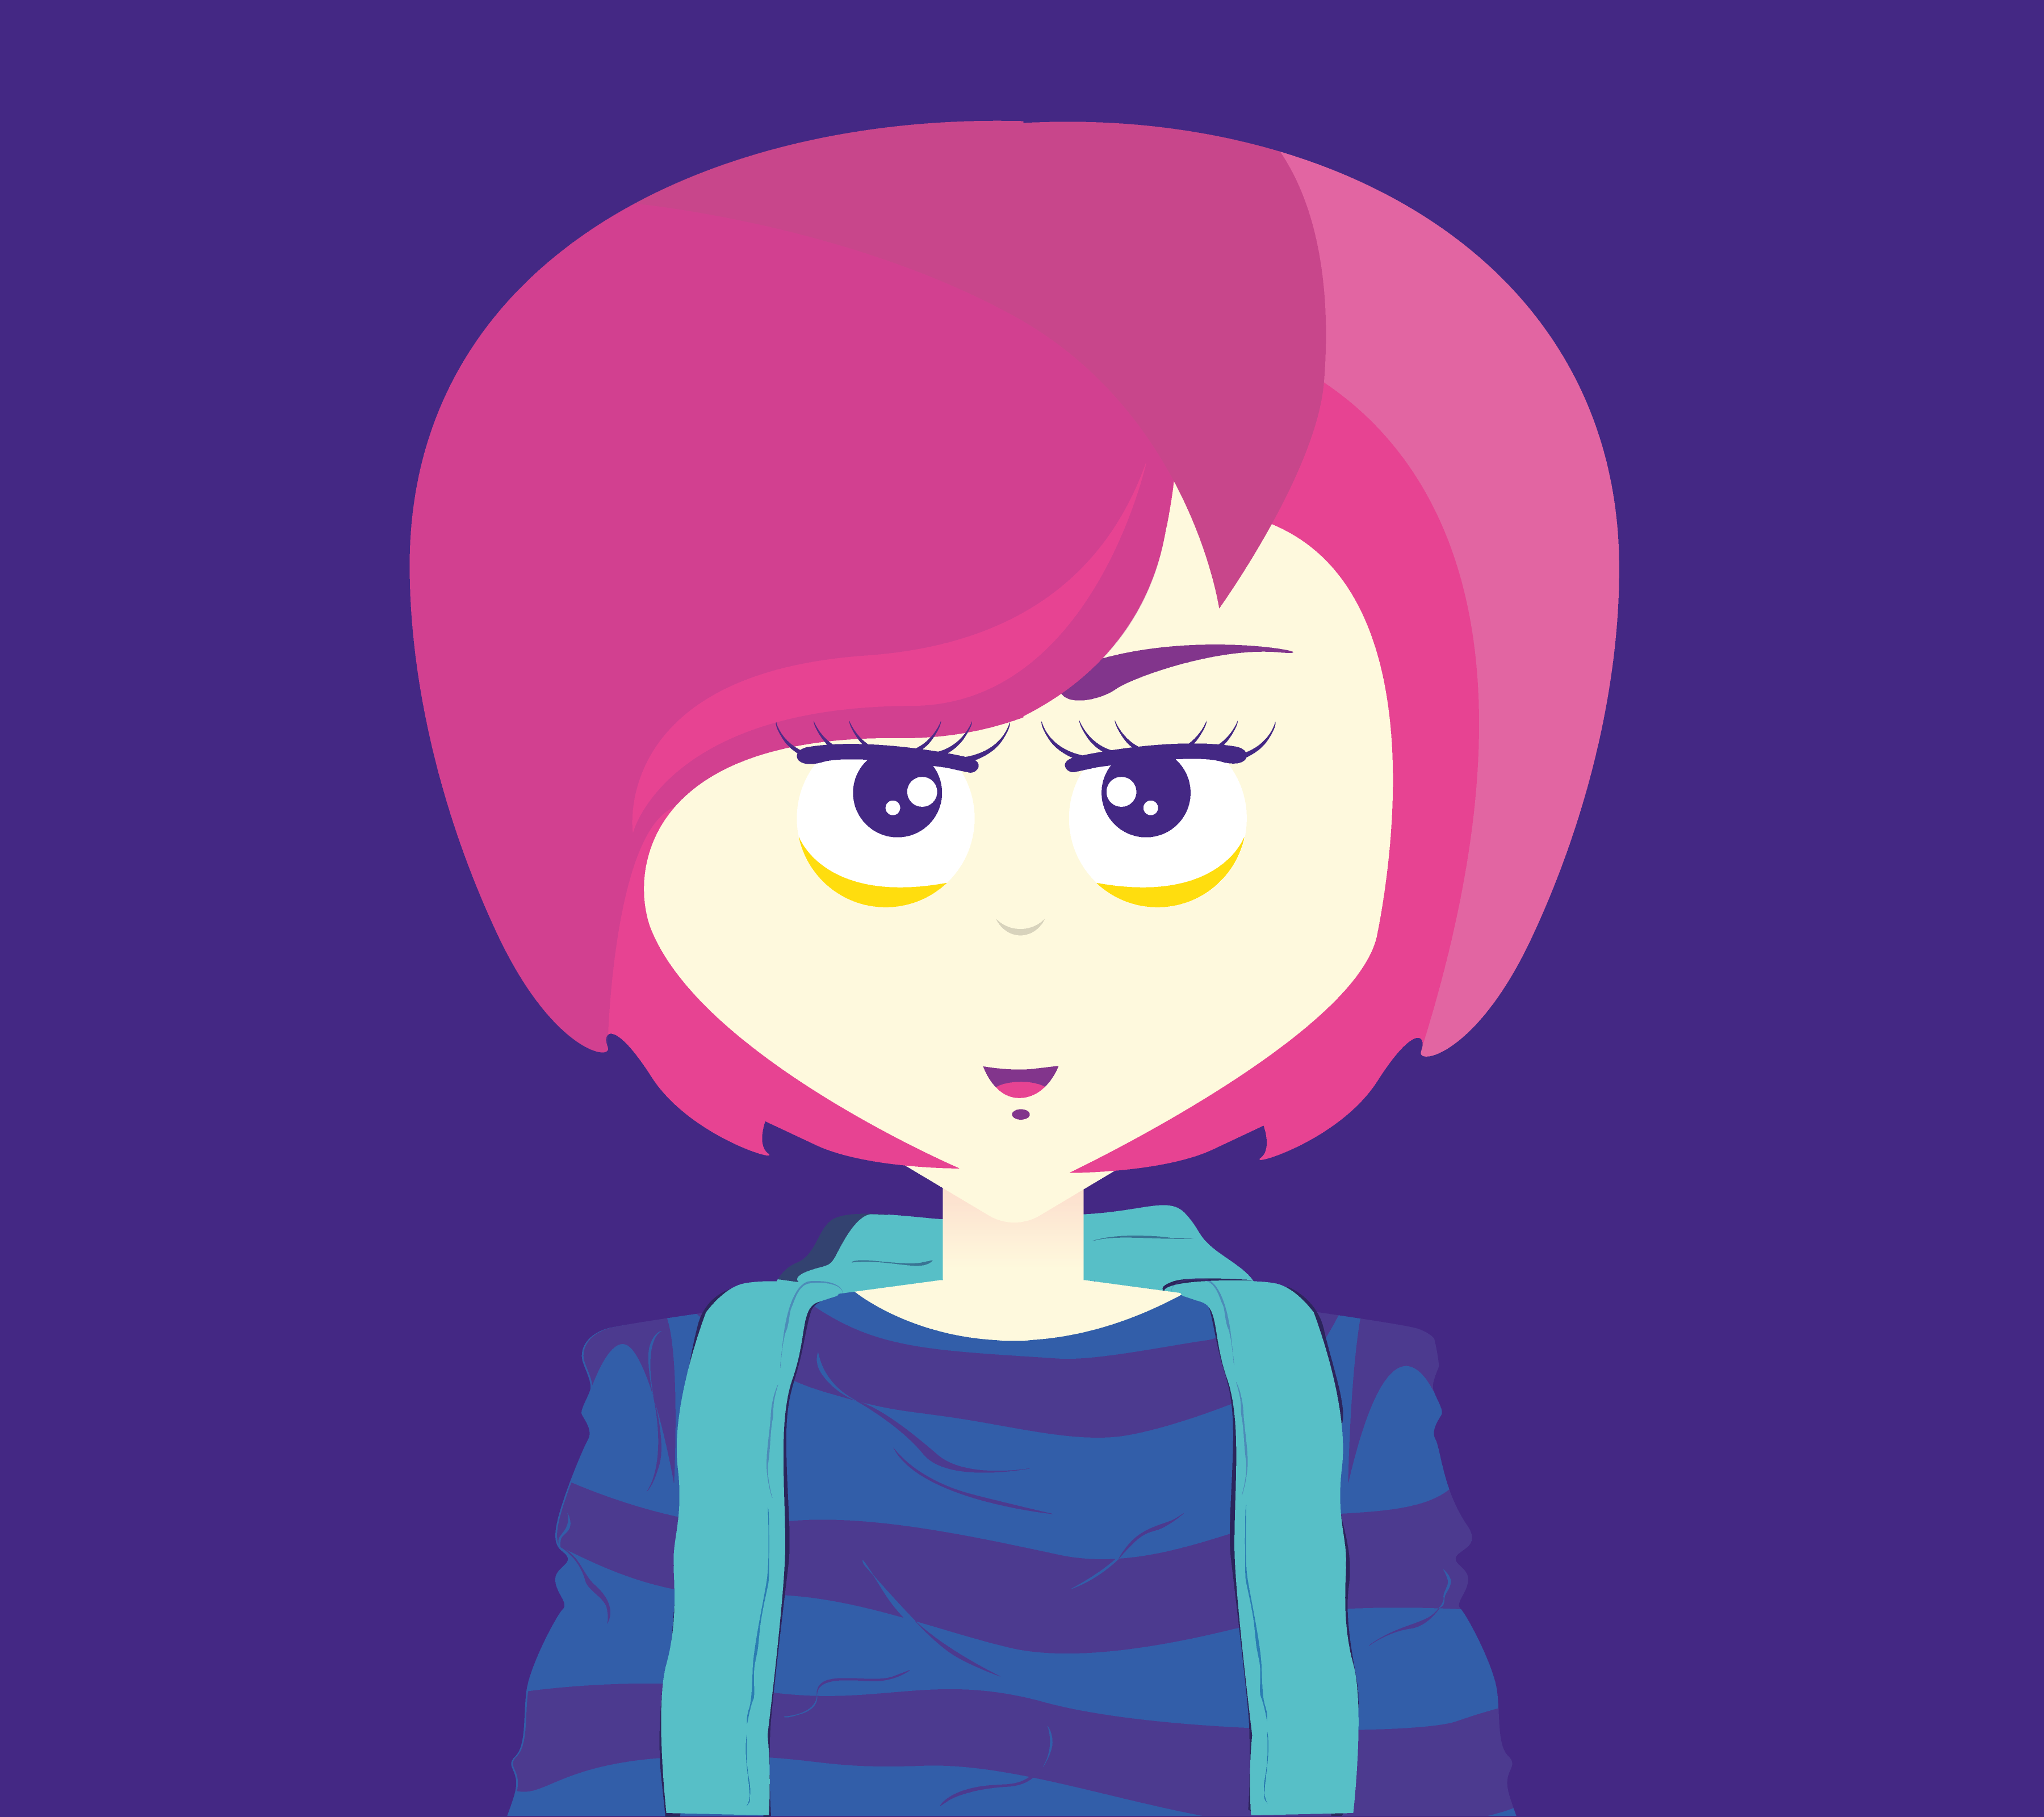 Illustrazione / Character design